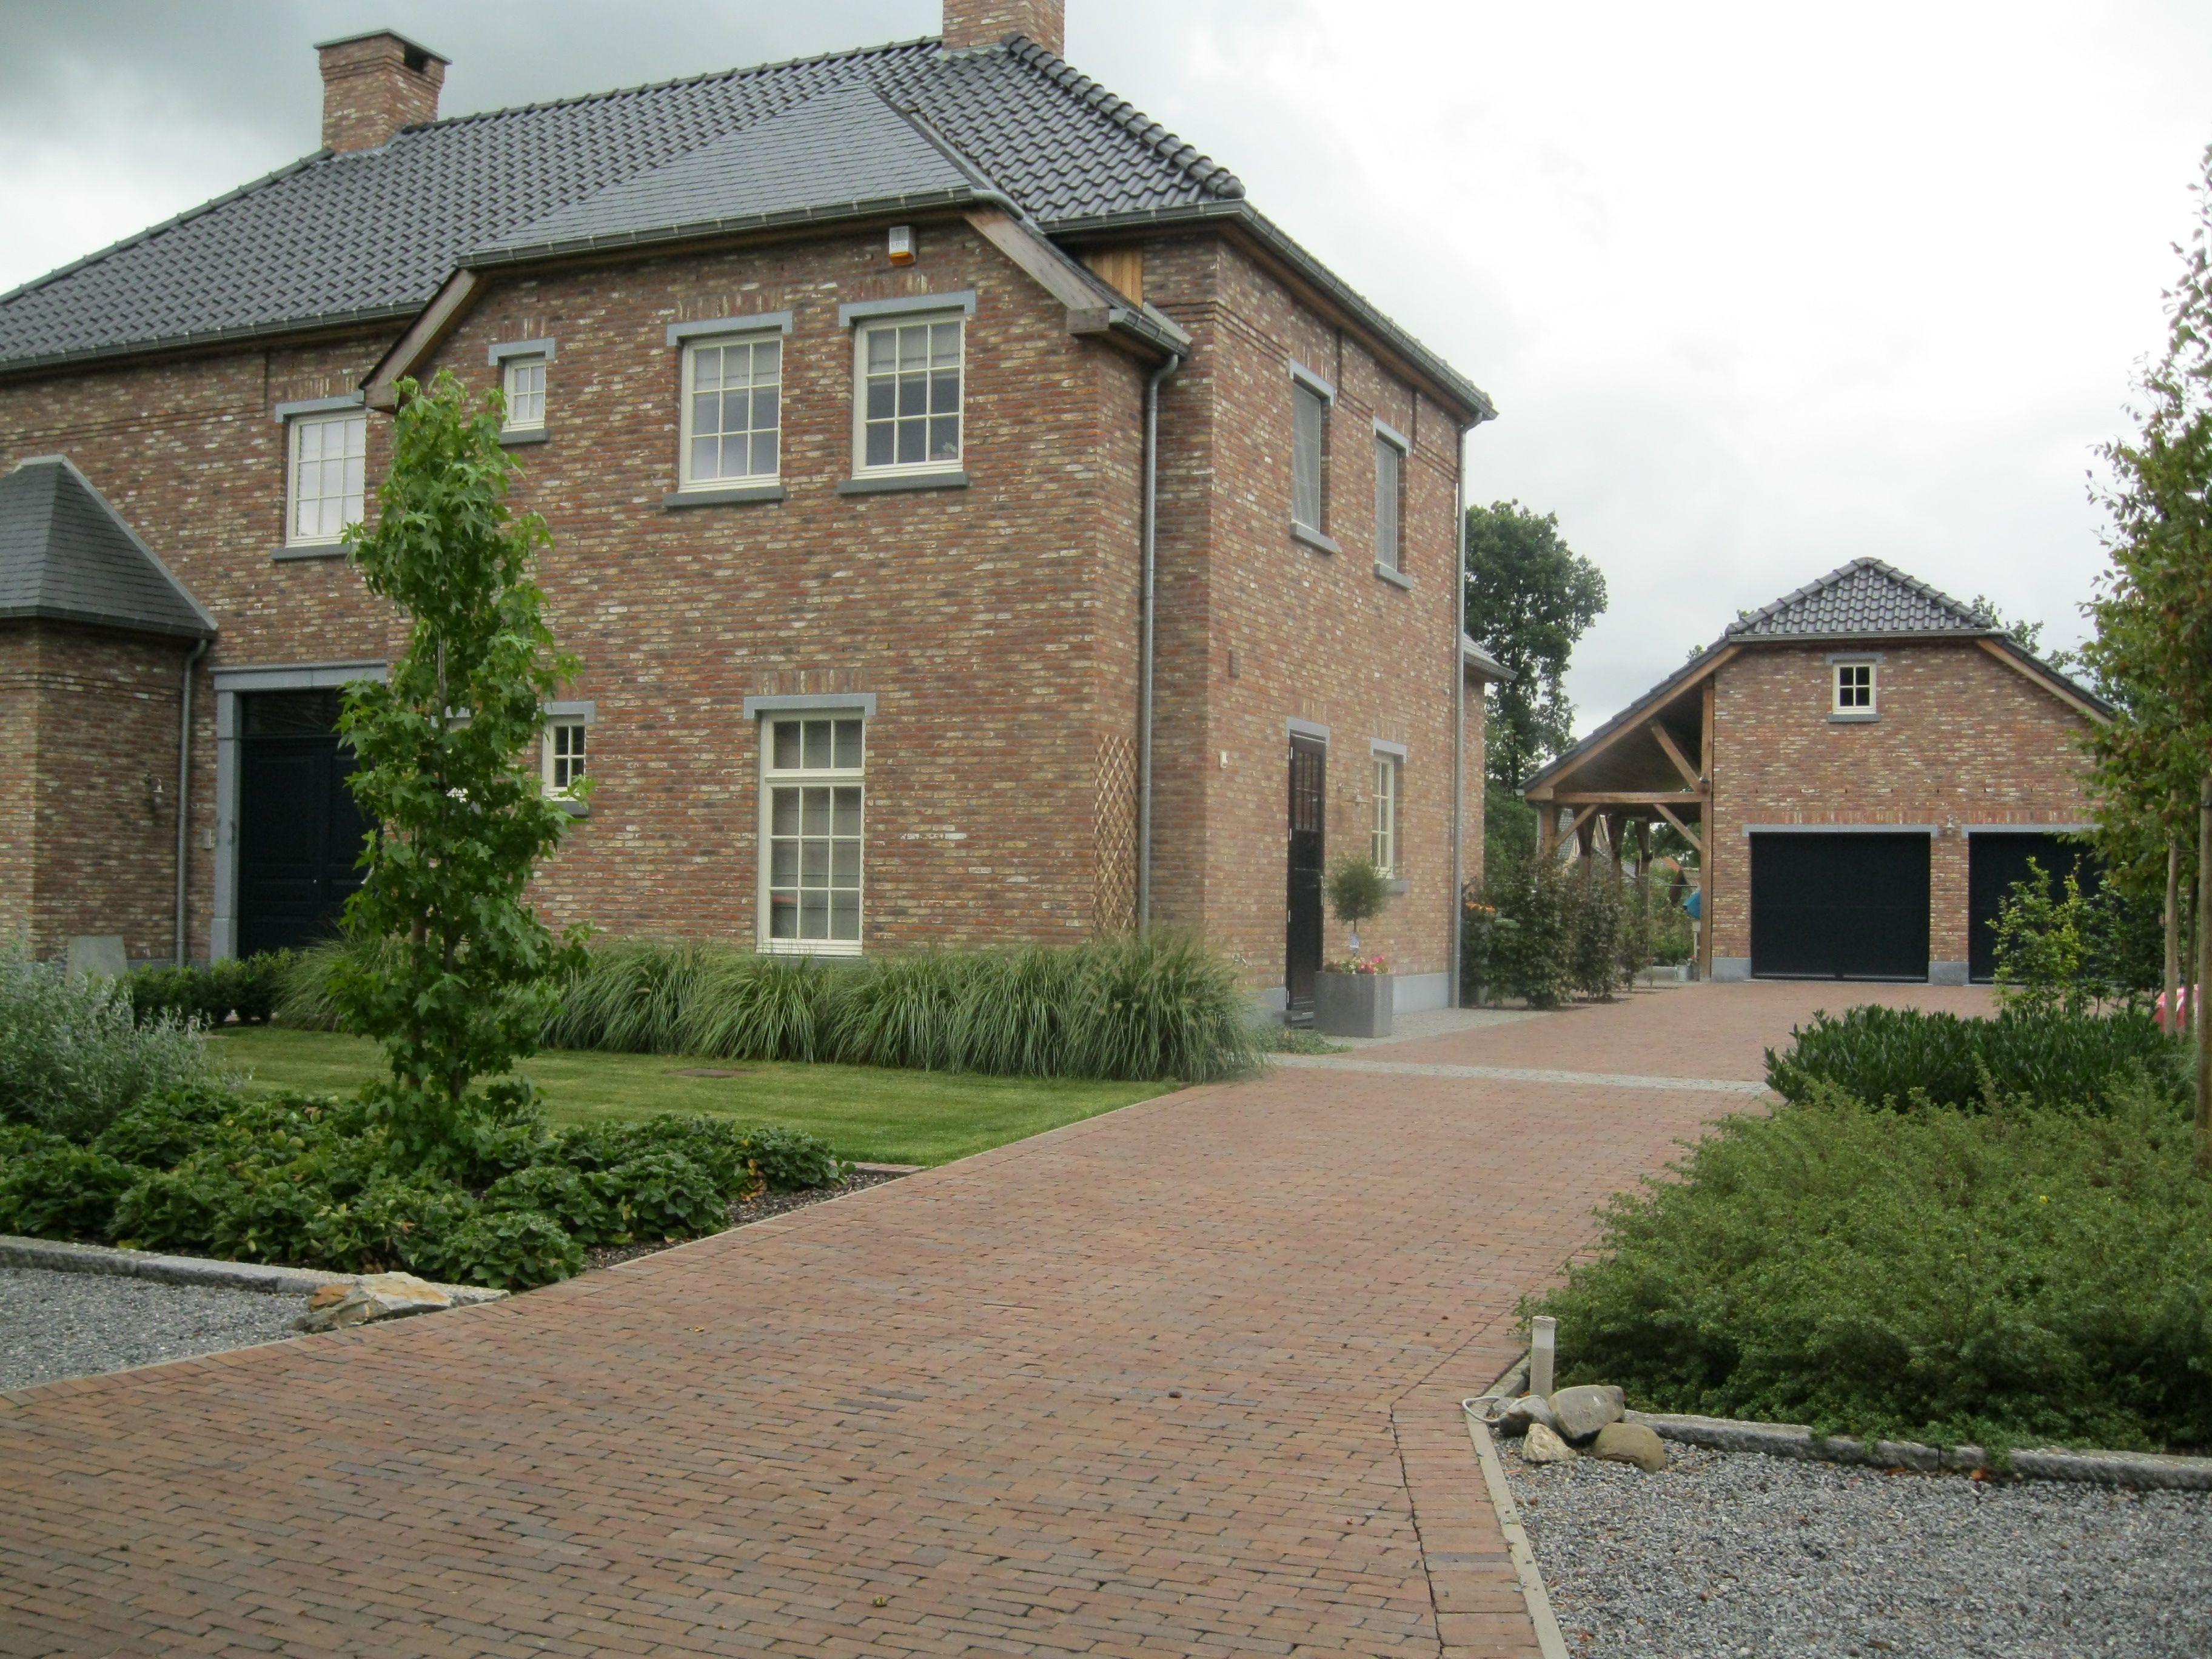 Landelijke tuin oprit gebakken klinkers trv tuinaanleg pinterest house and gardens - Tuin oprit plaat ...